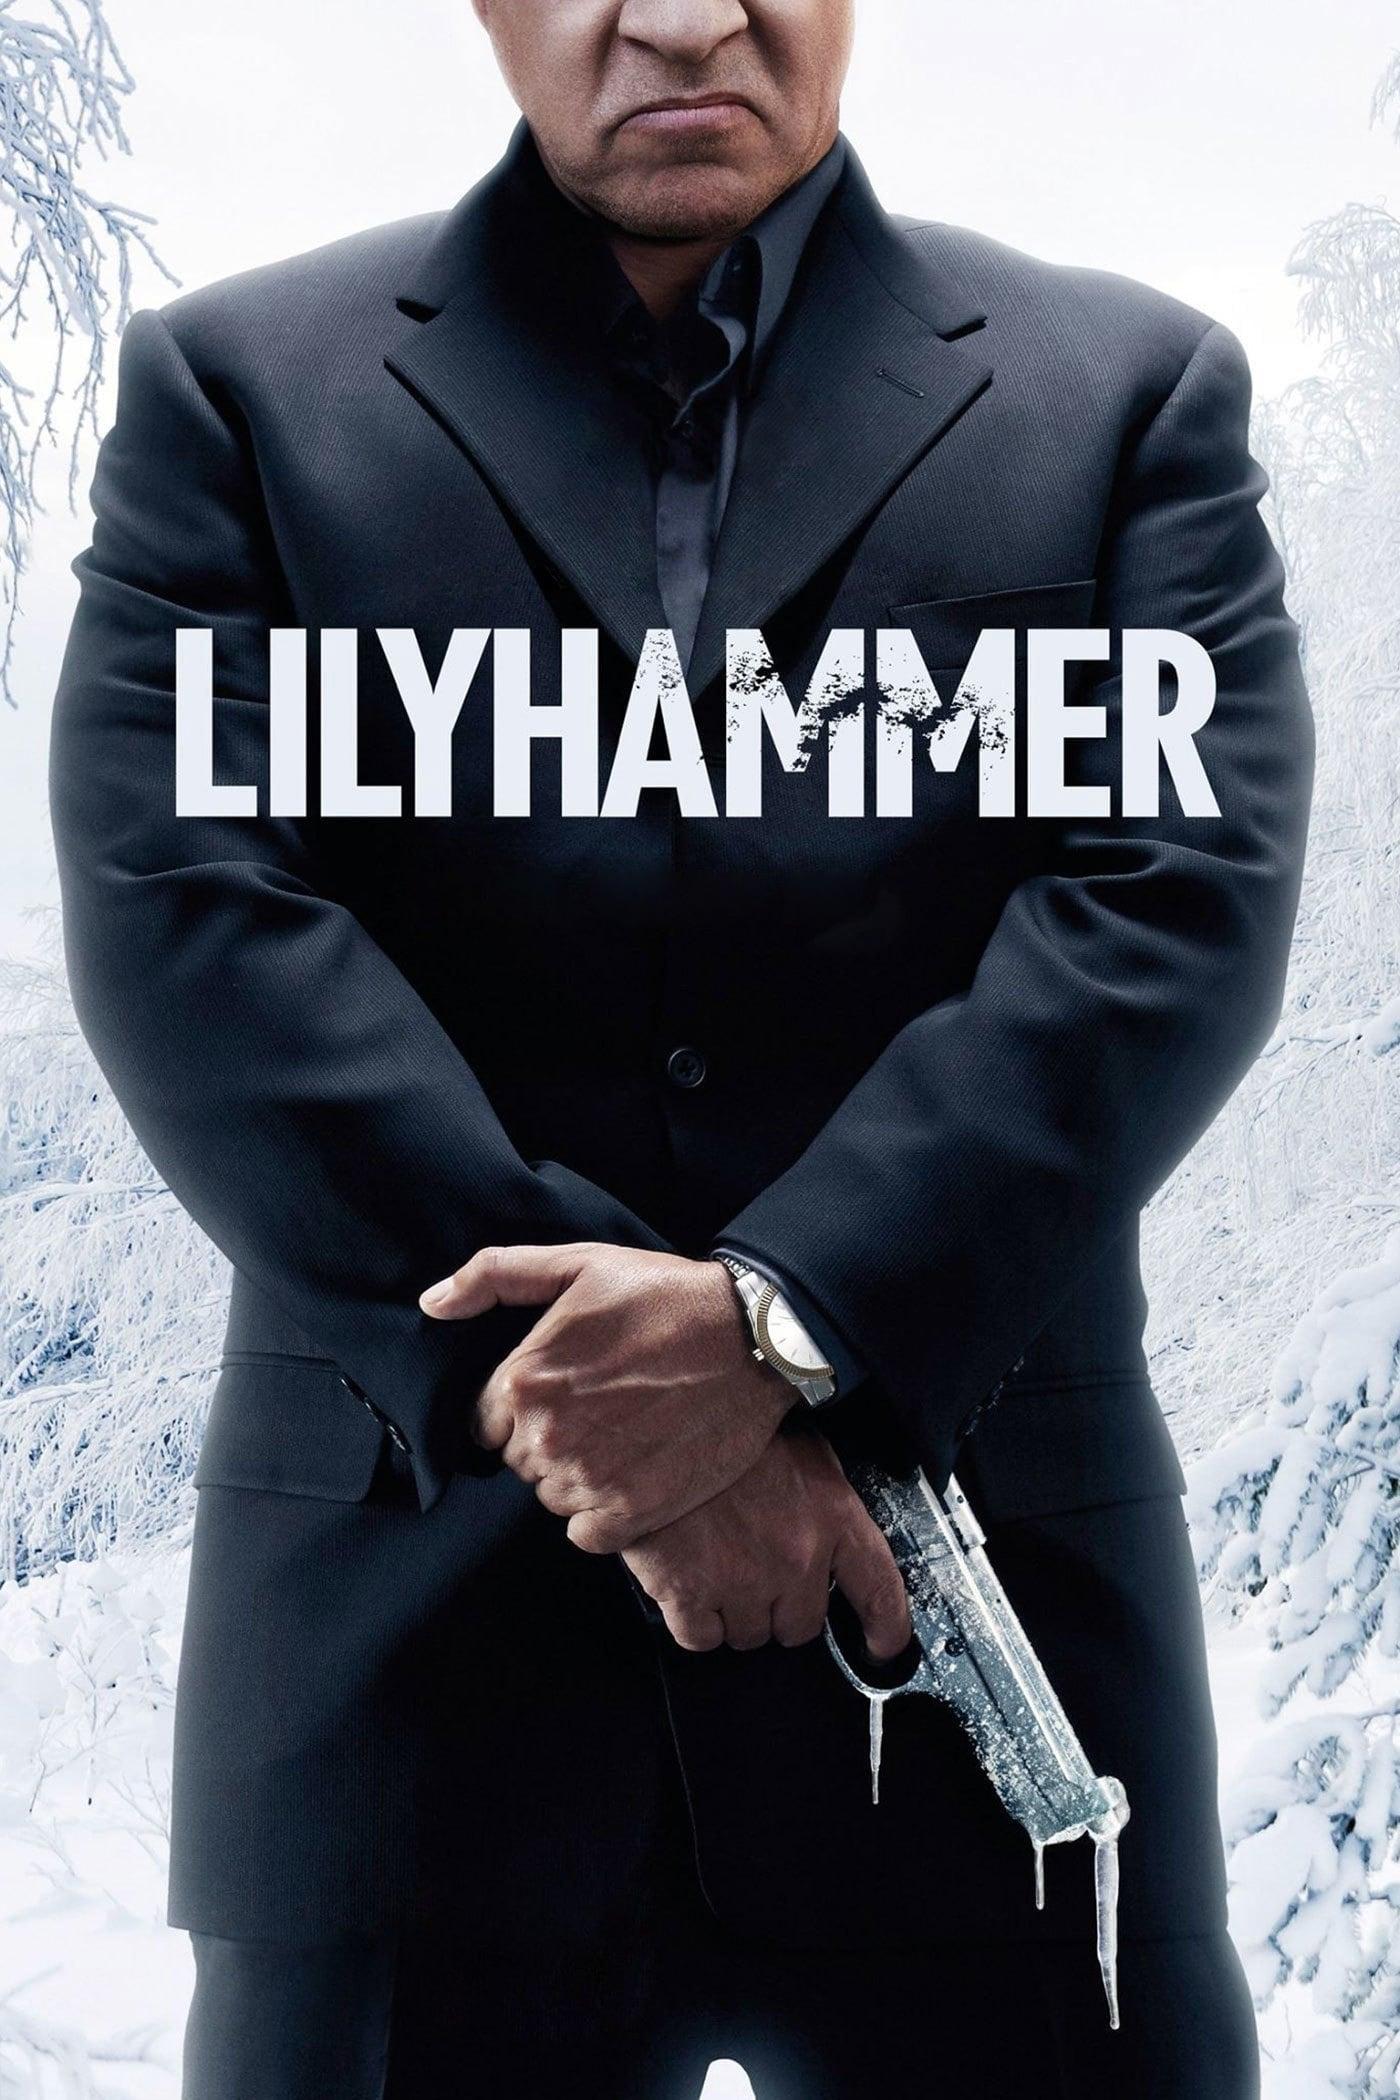 Lilyhammer